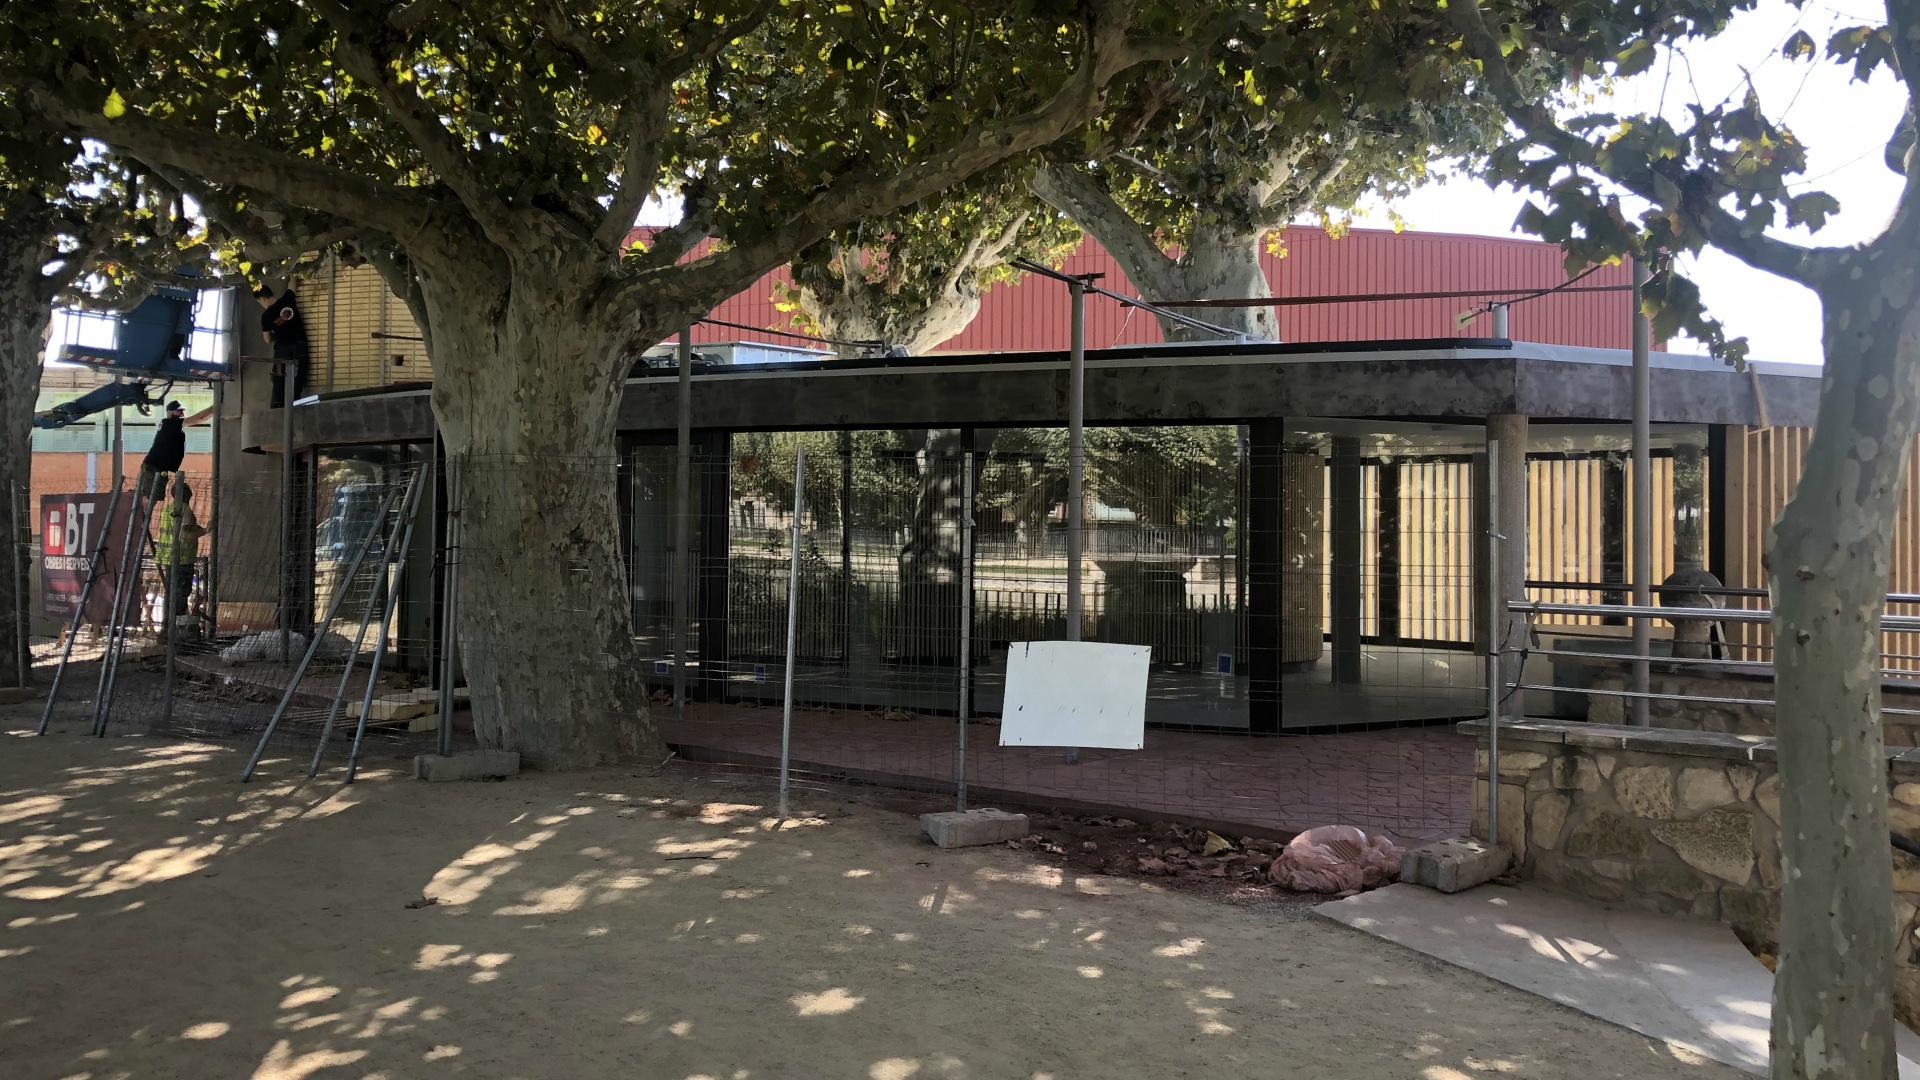 Les Borges torna a licitar l'explotació del bar 'Lo Kiosc', desprès de deixar deserta l'anterior